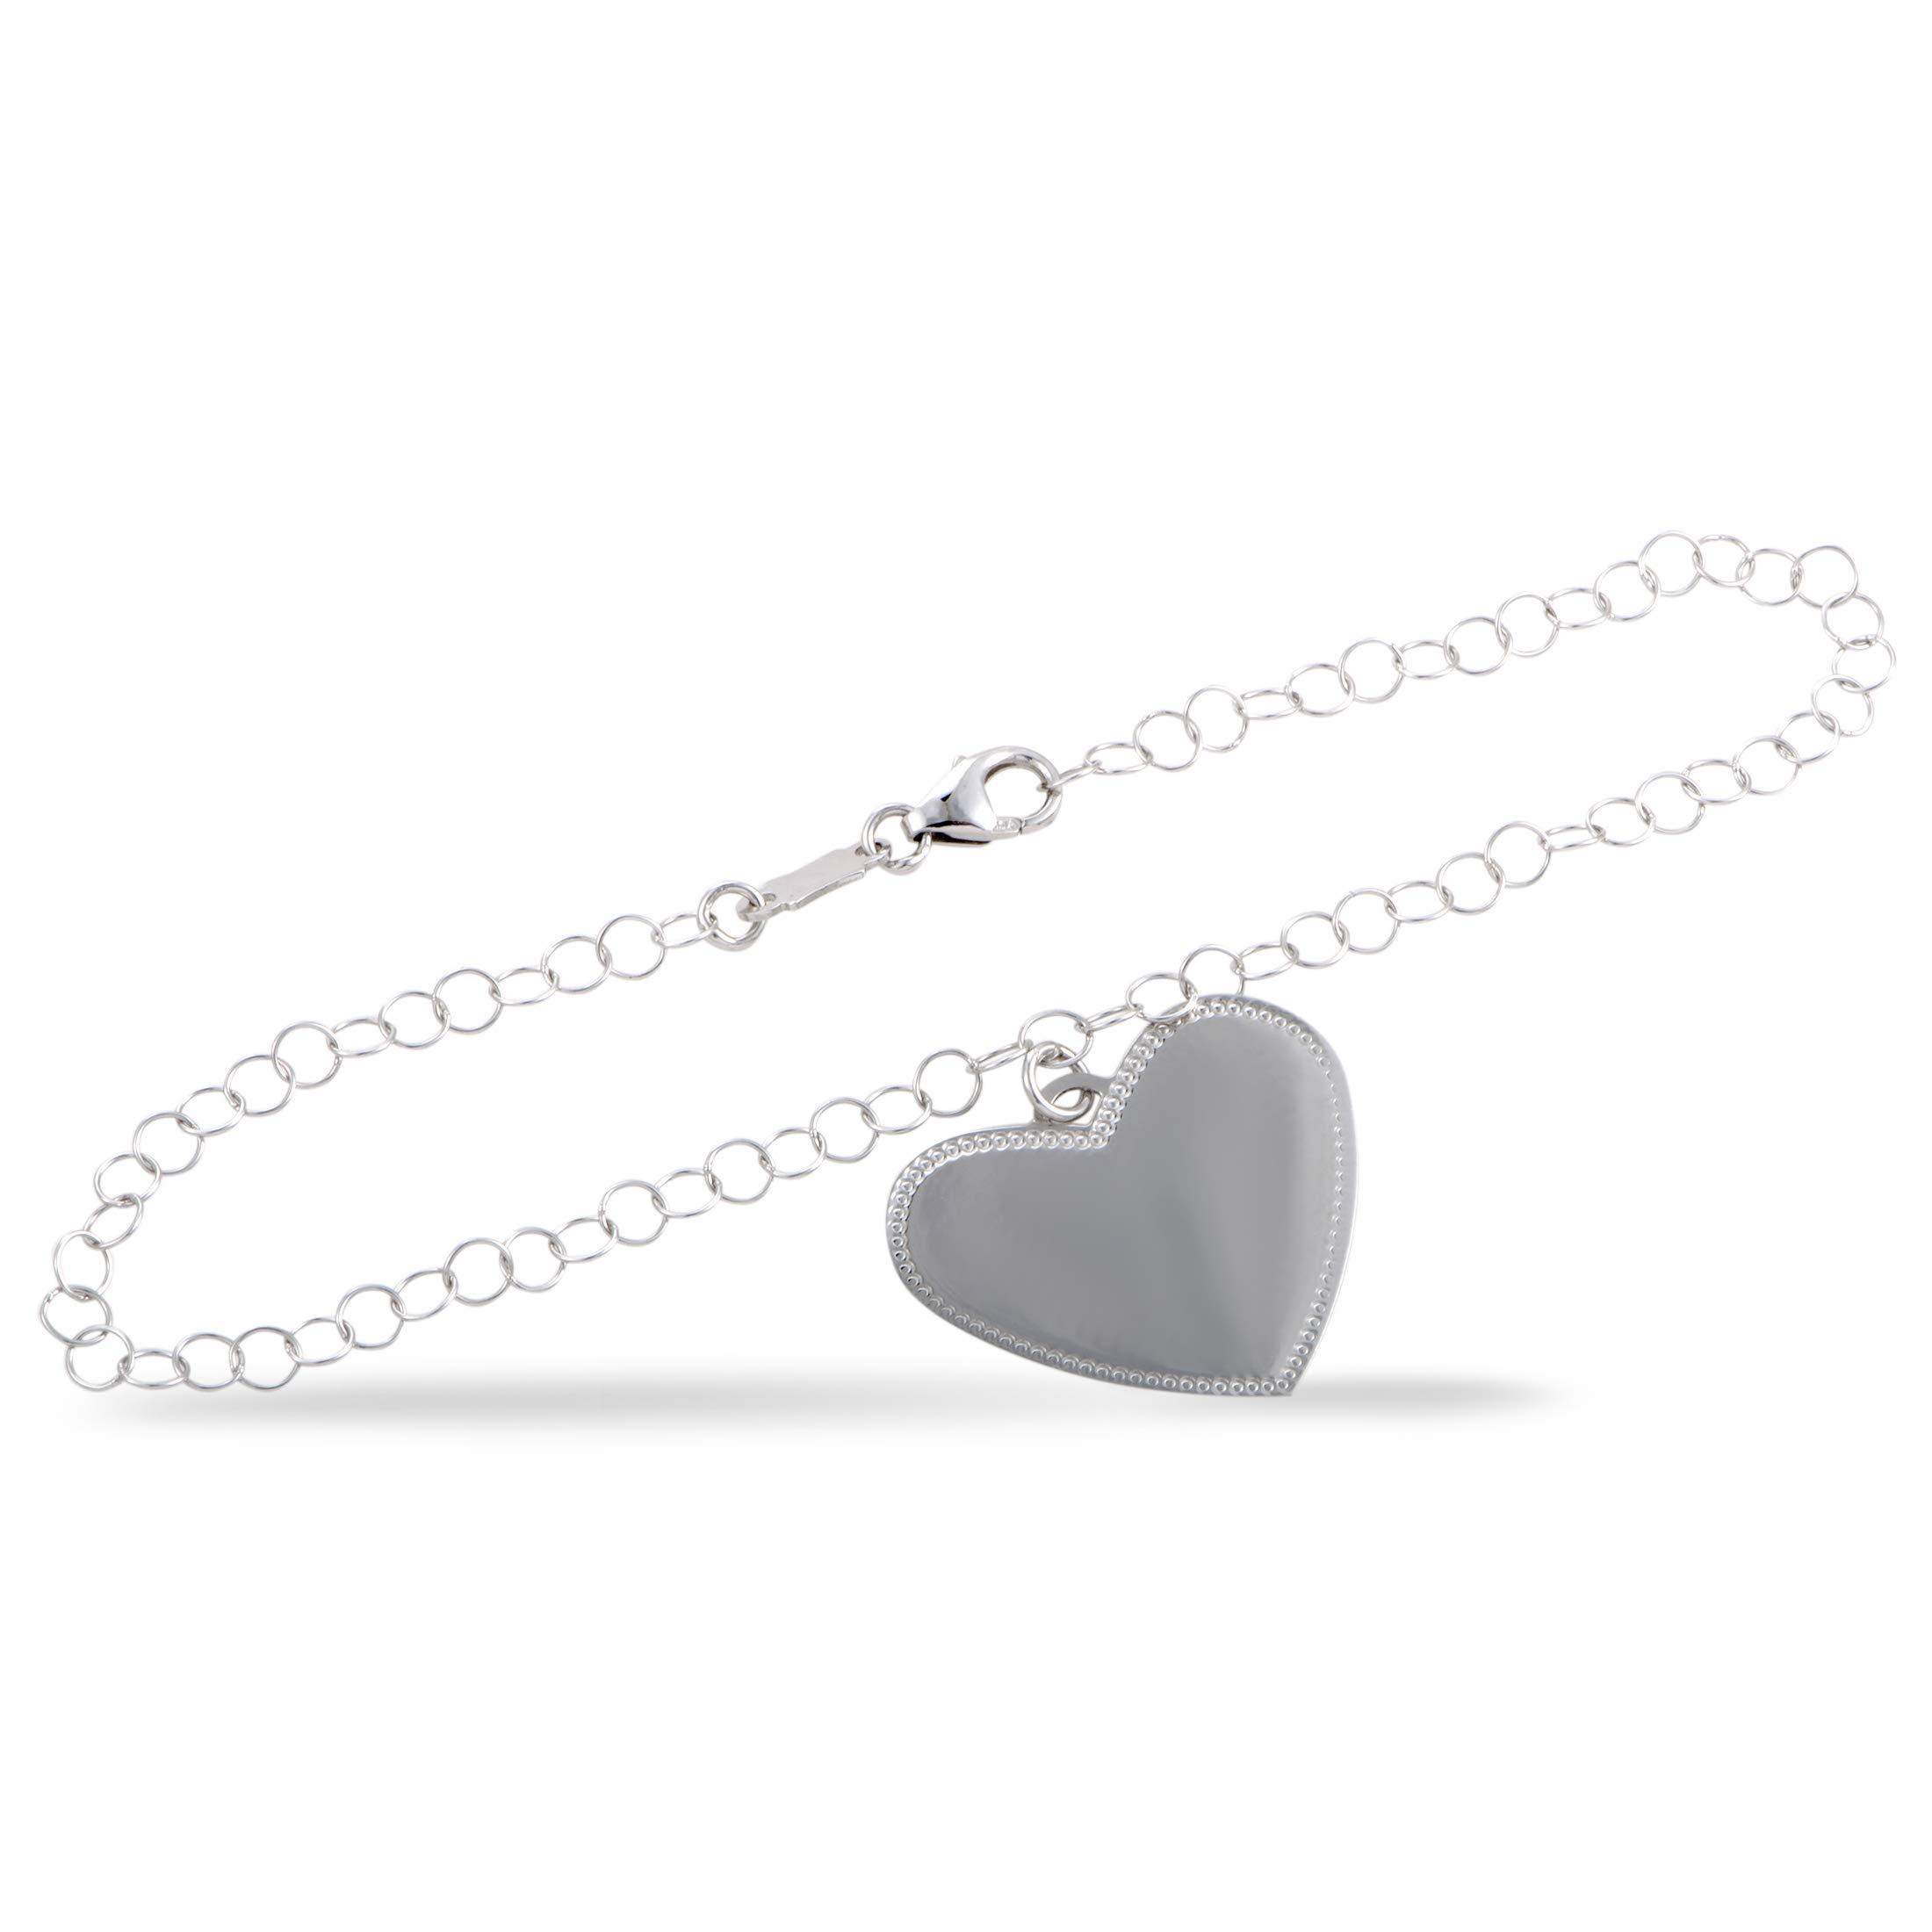 Bucherer 18K White Gold Heart Charm Chain Bracelet